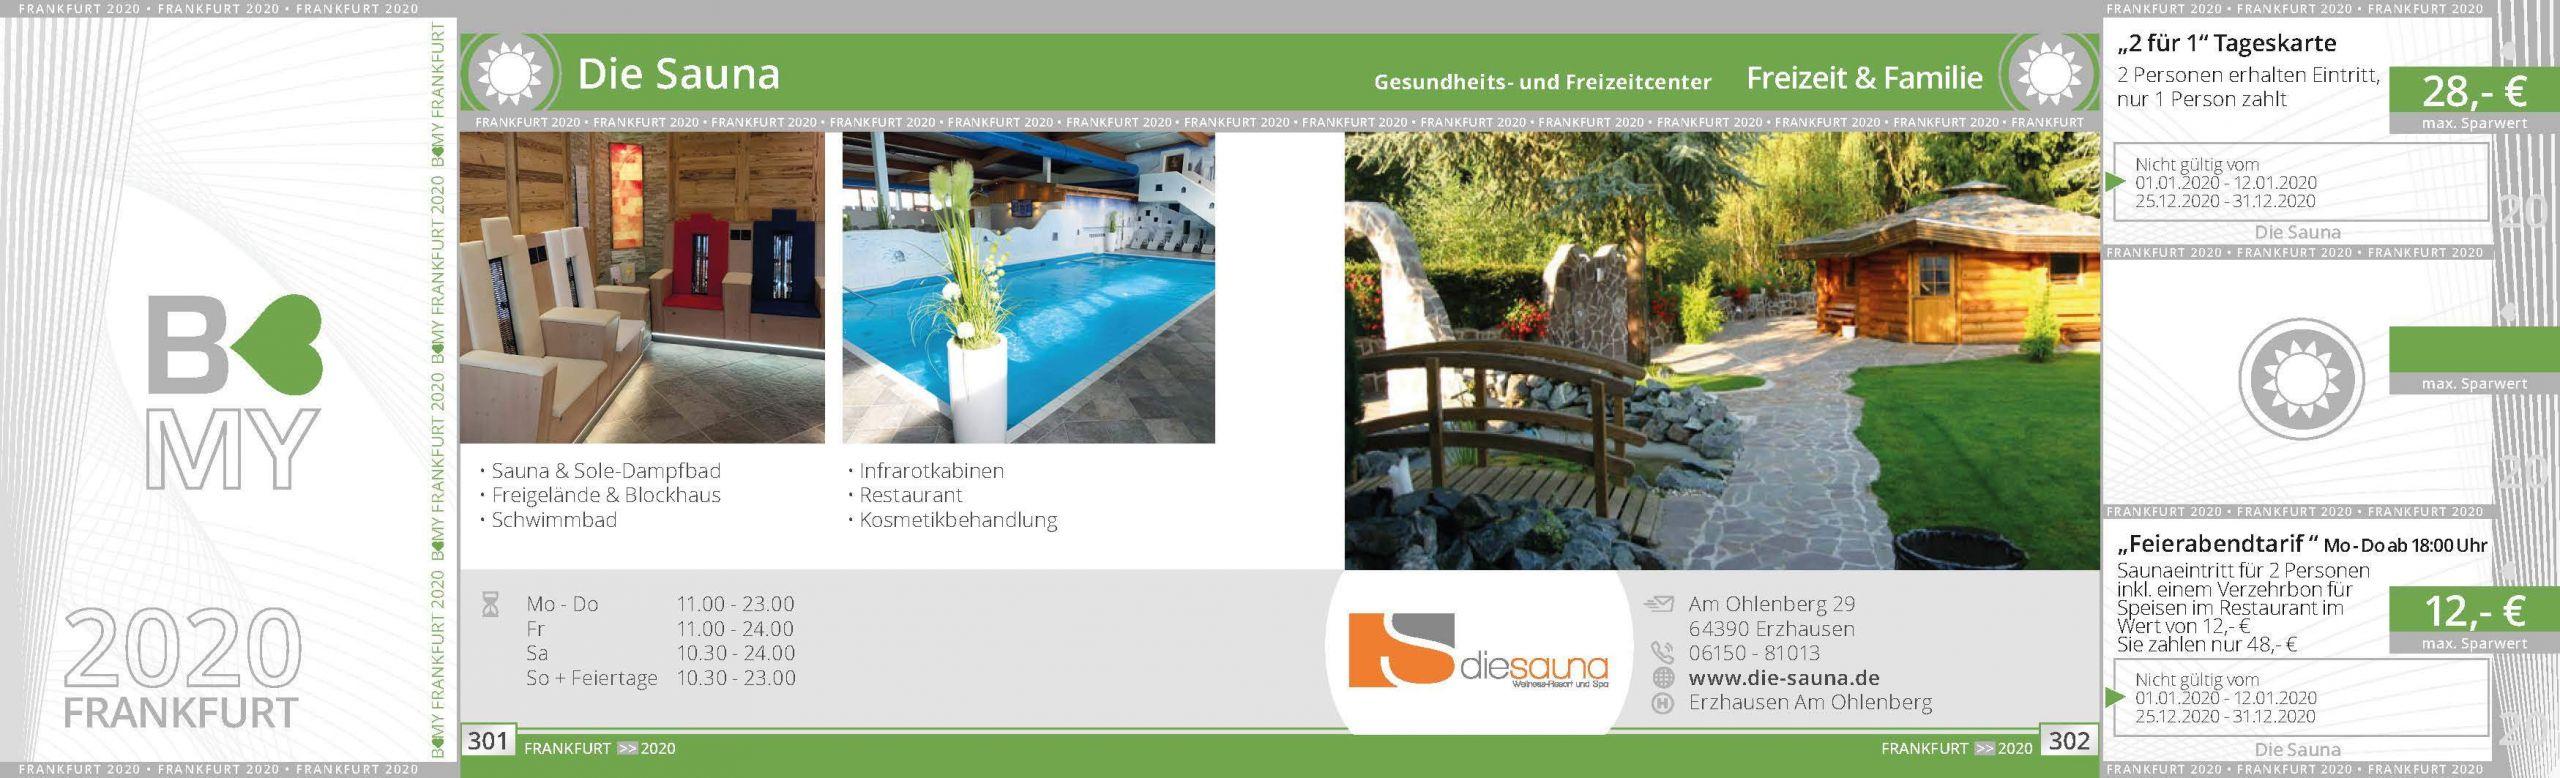 06 Freizeit Familie FFM20 Seite 09